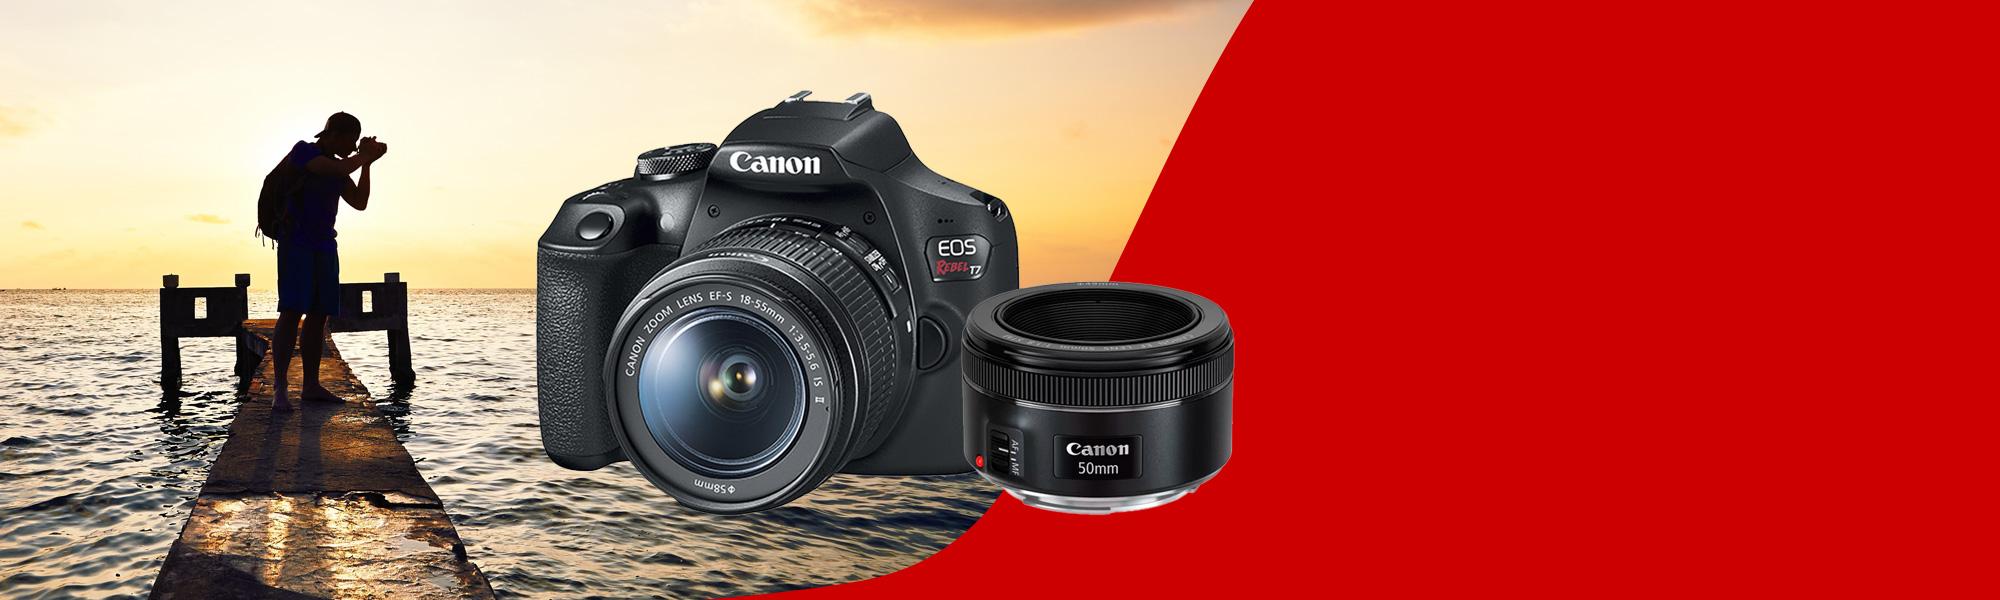 Combo Câmera EOS T7+ Reembalada Fotógrafo Básico